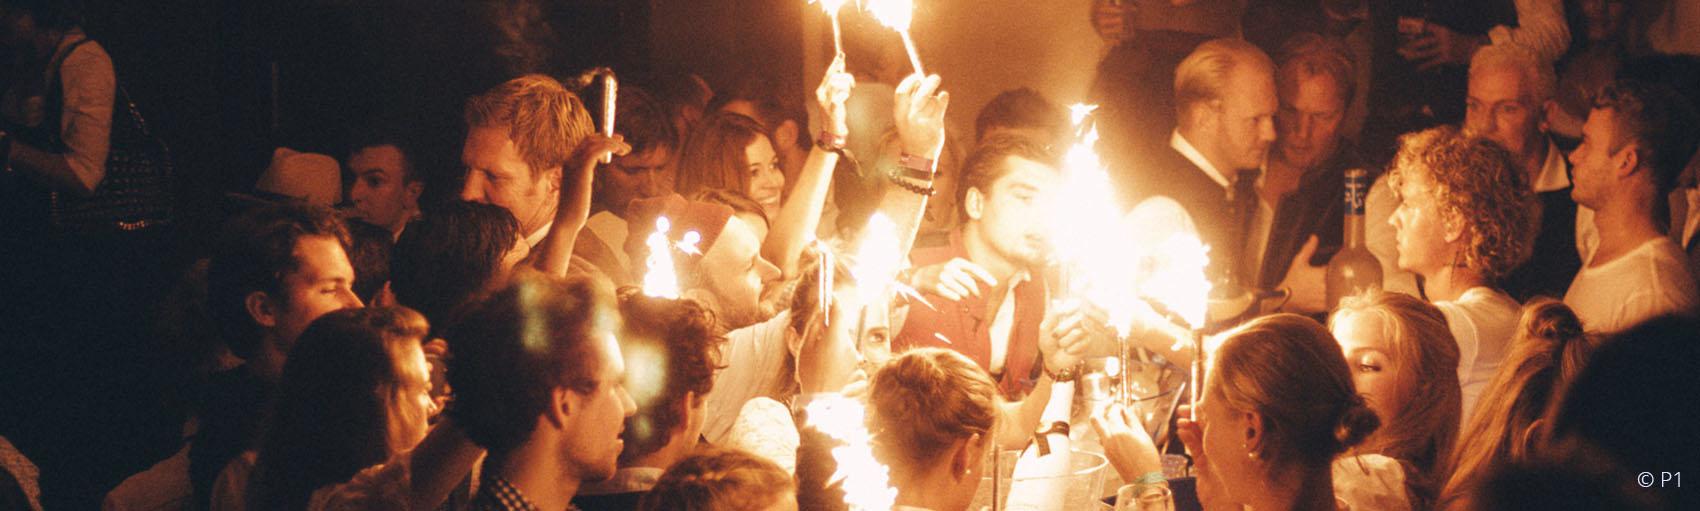 Afterwiesn P1 Feuerflammenerfüllte Atmosphäre